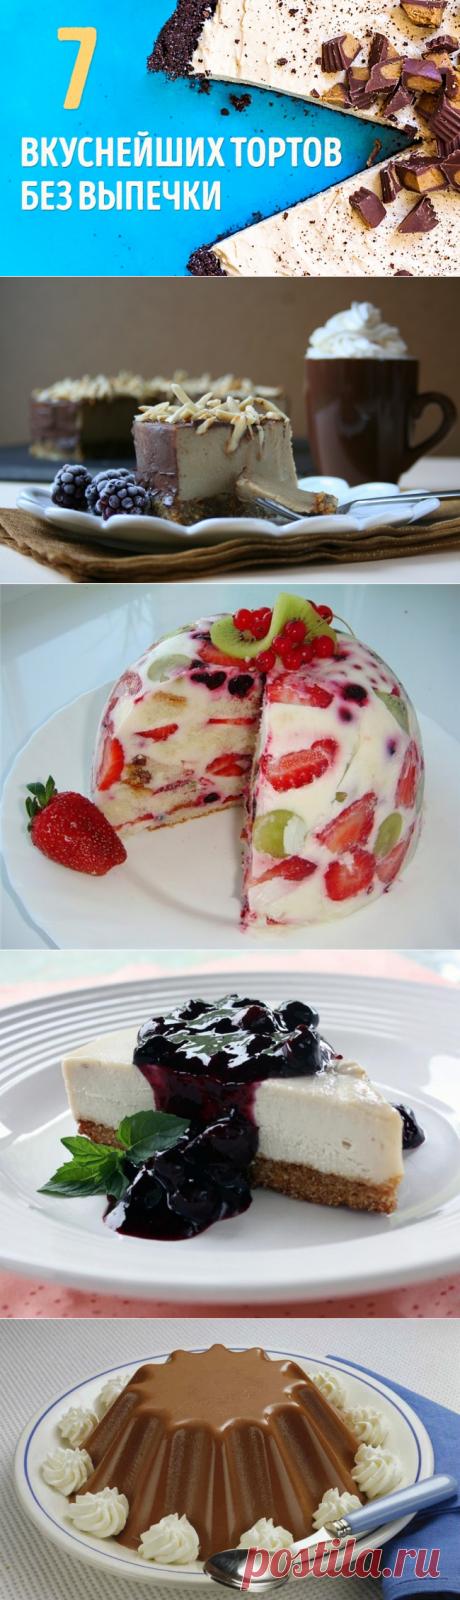 7 вкуснейших тортов без выпечки | Fresher - Лучшее из Рунета за день!